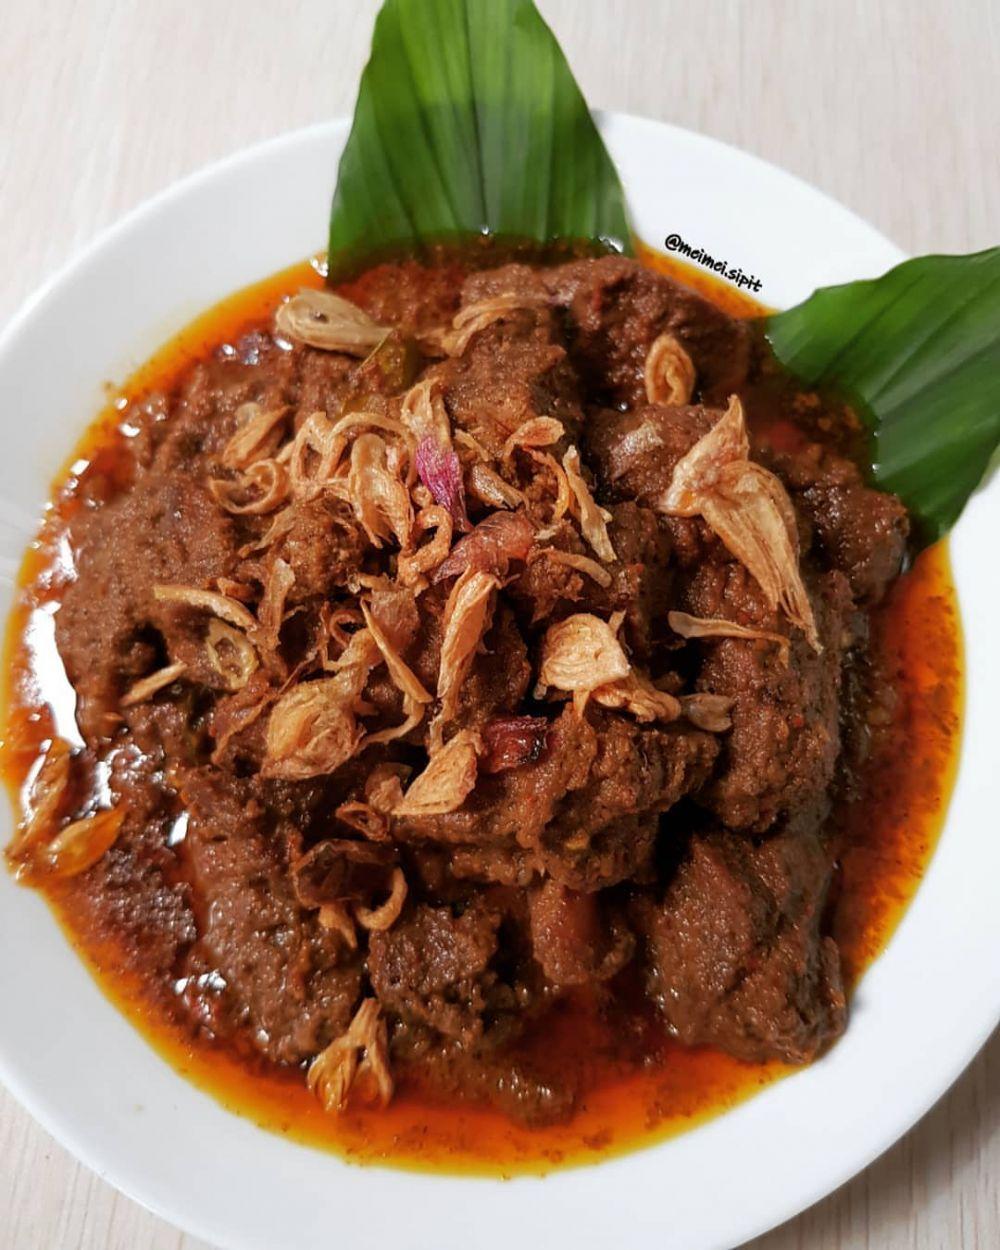 18 Resep Masakan Daging Sapi Enak Sederhana Mudah Dibuat Instagram Resepdaging Resep Idemasak Id Resep Masakan Masakan Resep Daging